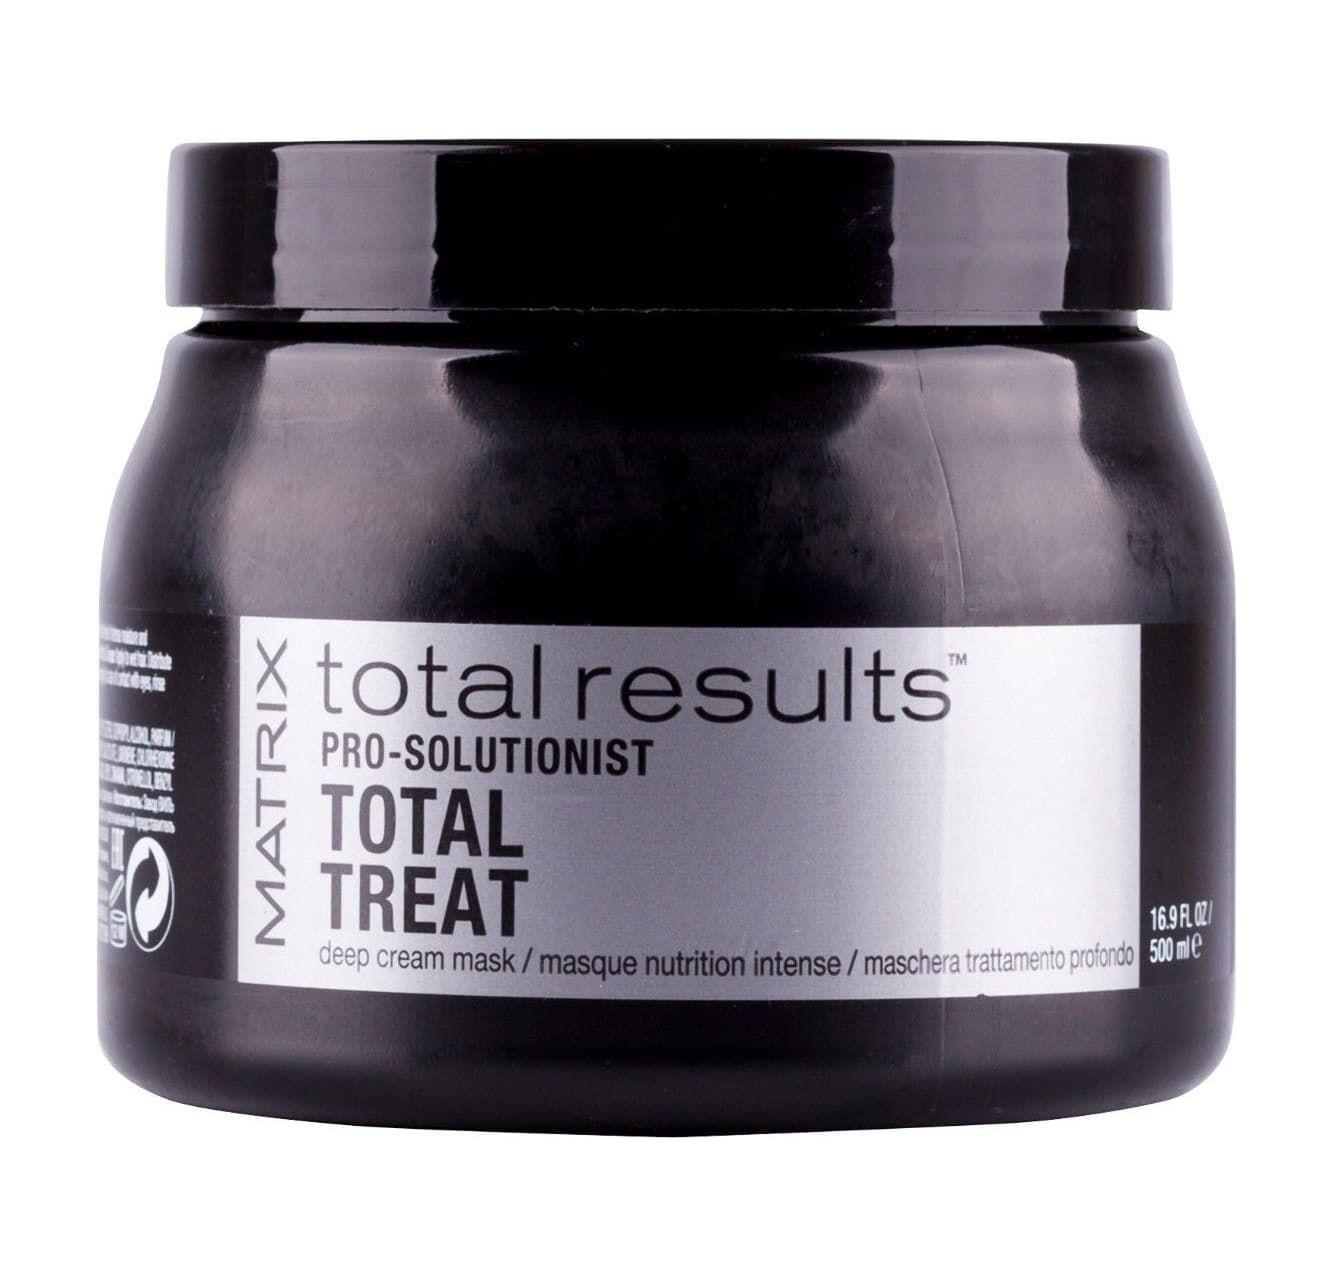 Купить Total Results Pro-Solutionist Крем-Маска Для Глубокого Восстановления Волос 500 Мл, Matrix